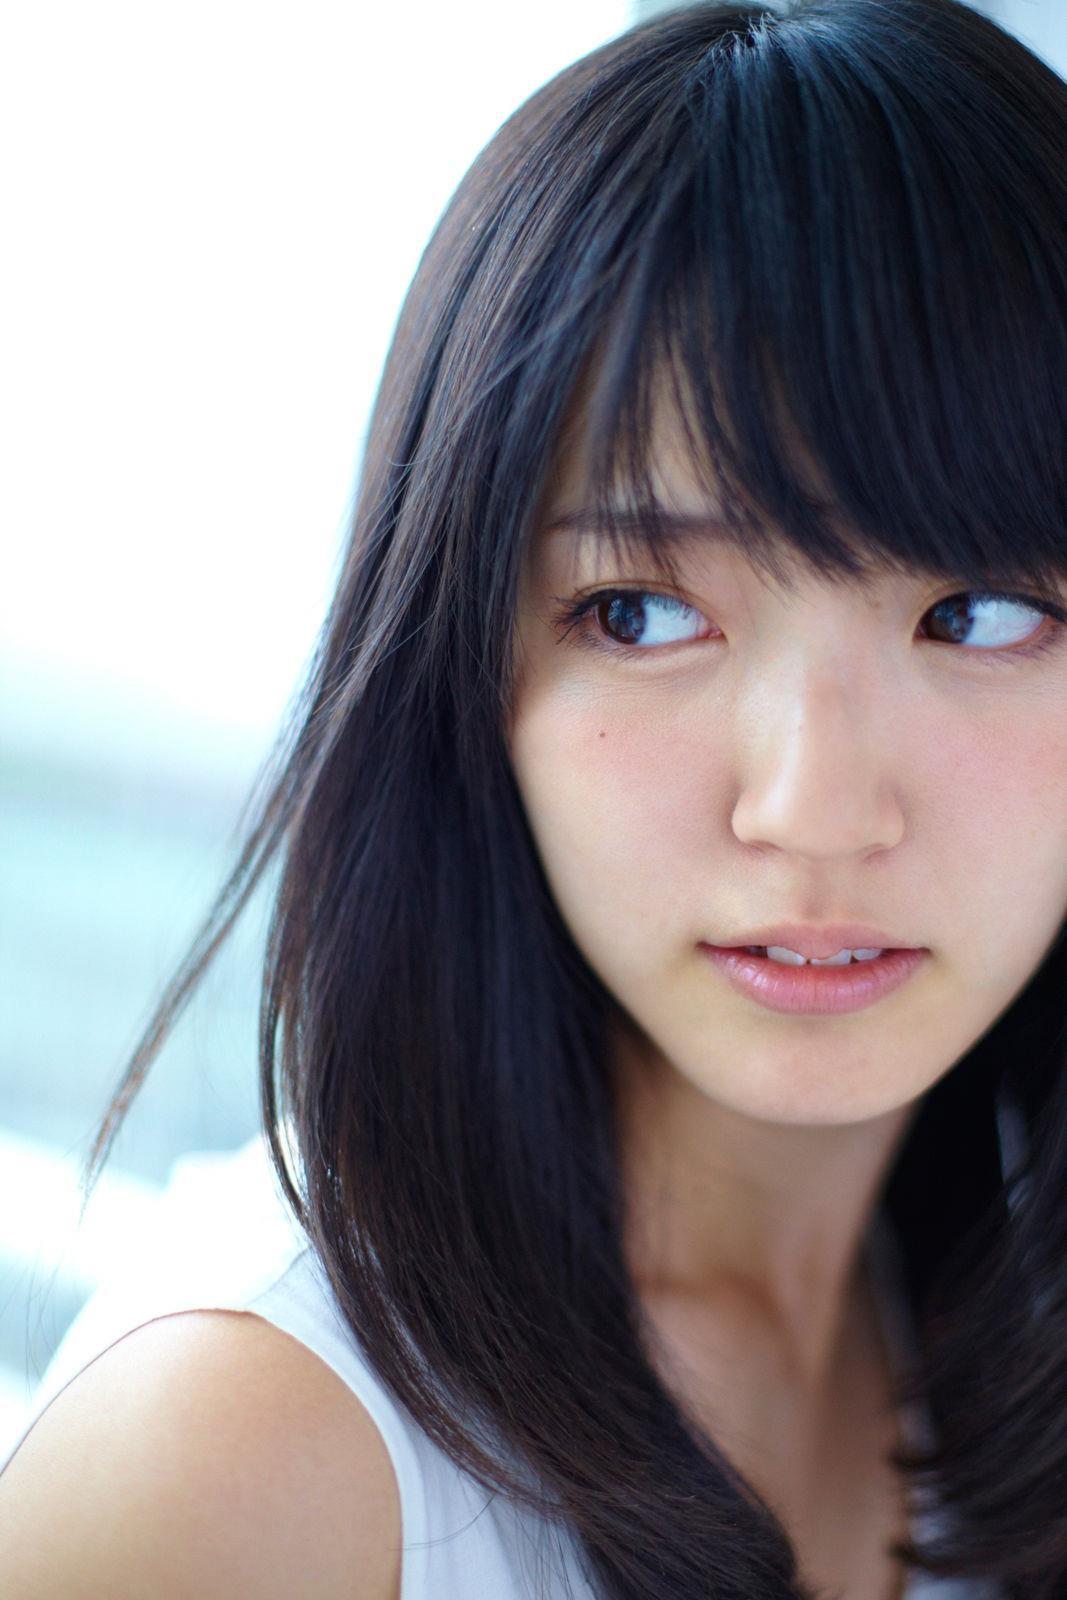 鈴木愛理(℃-ute) セクシー画像 22